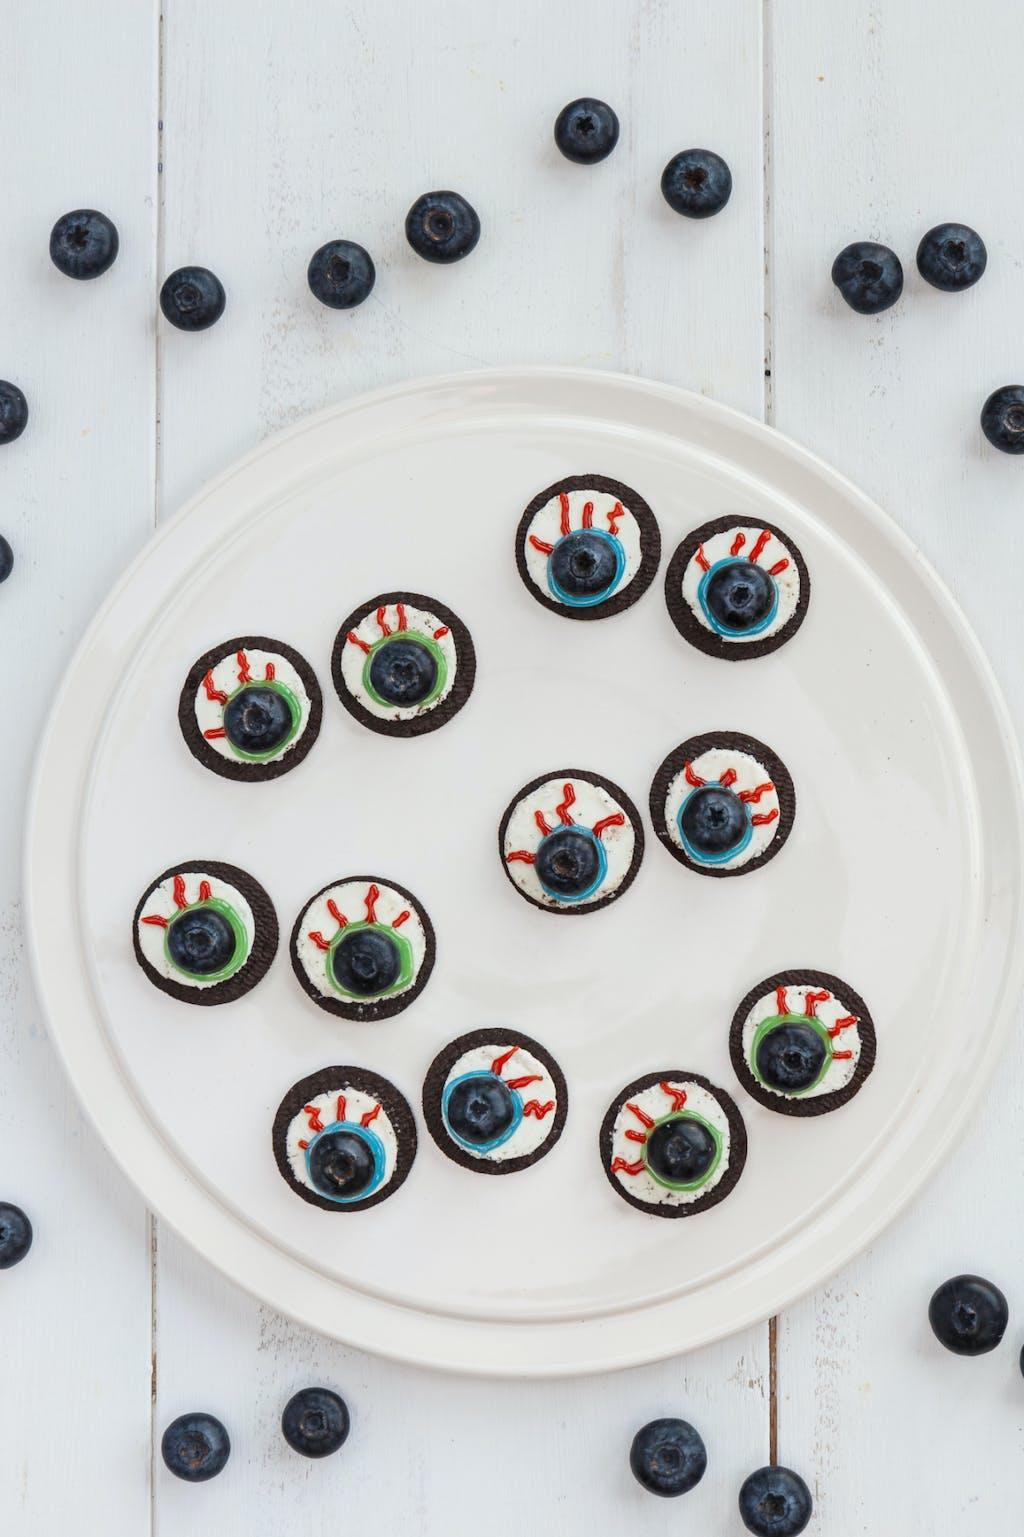 Berry World Oreo Eyeballs portrait 75j19vsdy